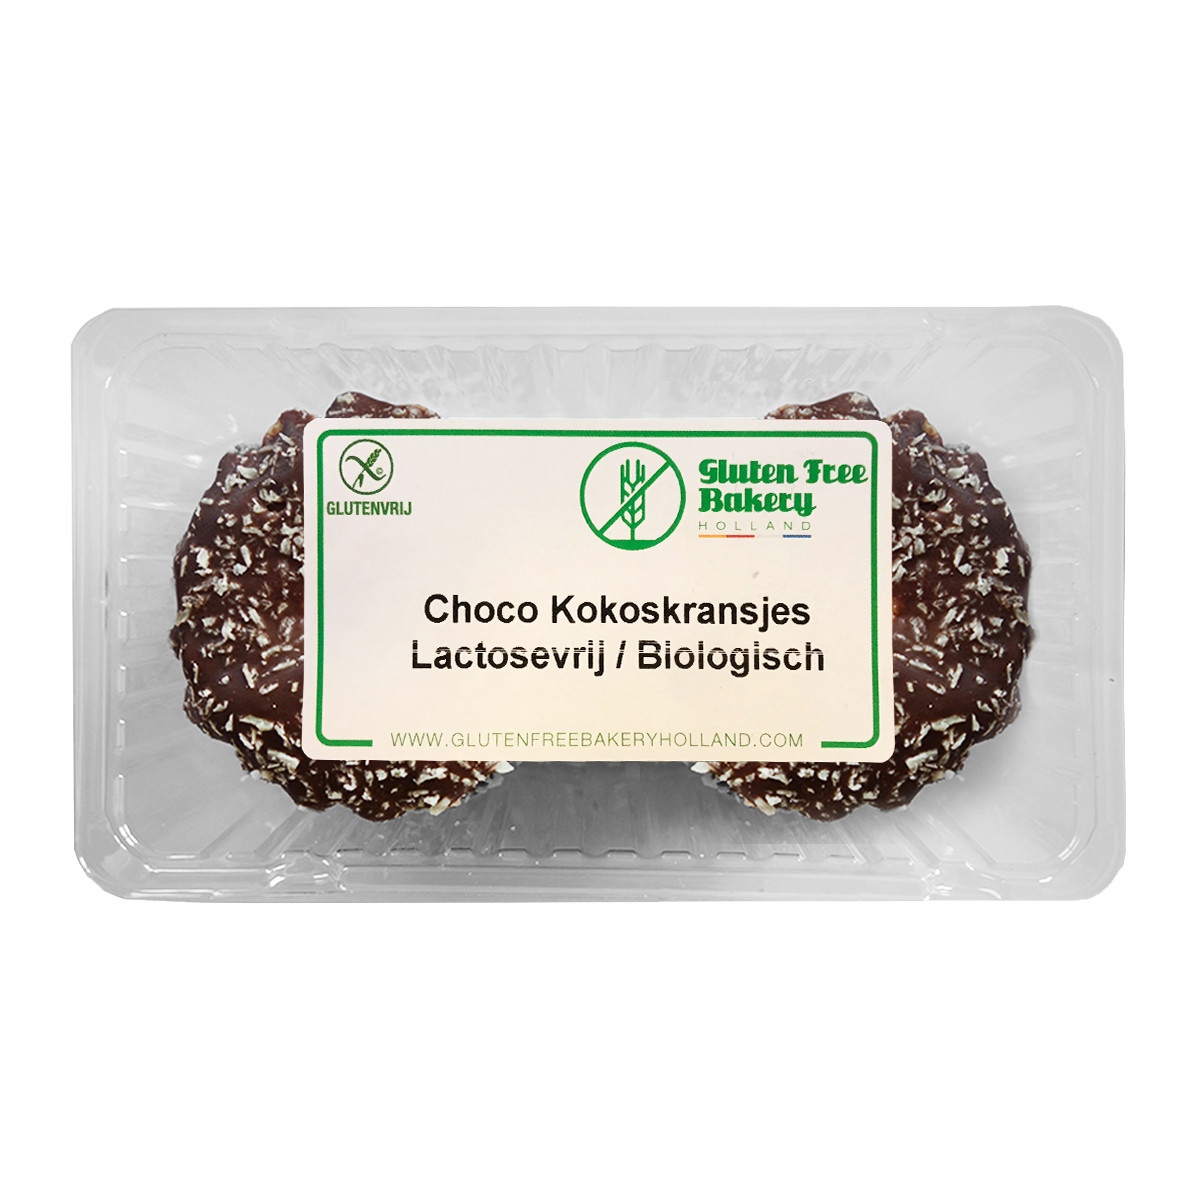 Kerstkransjes Choco Kokos Lactosevrij